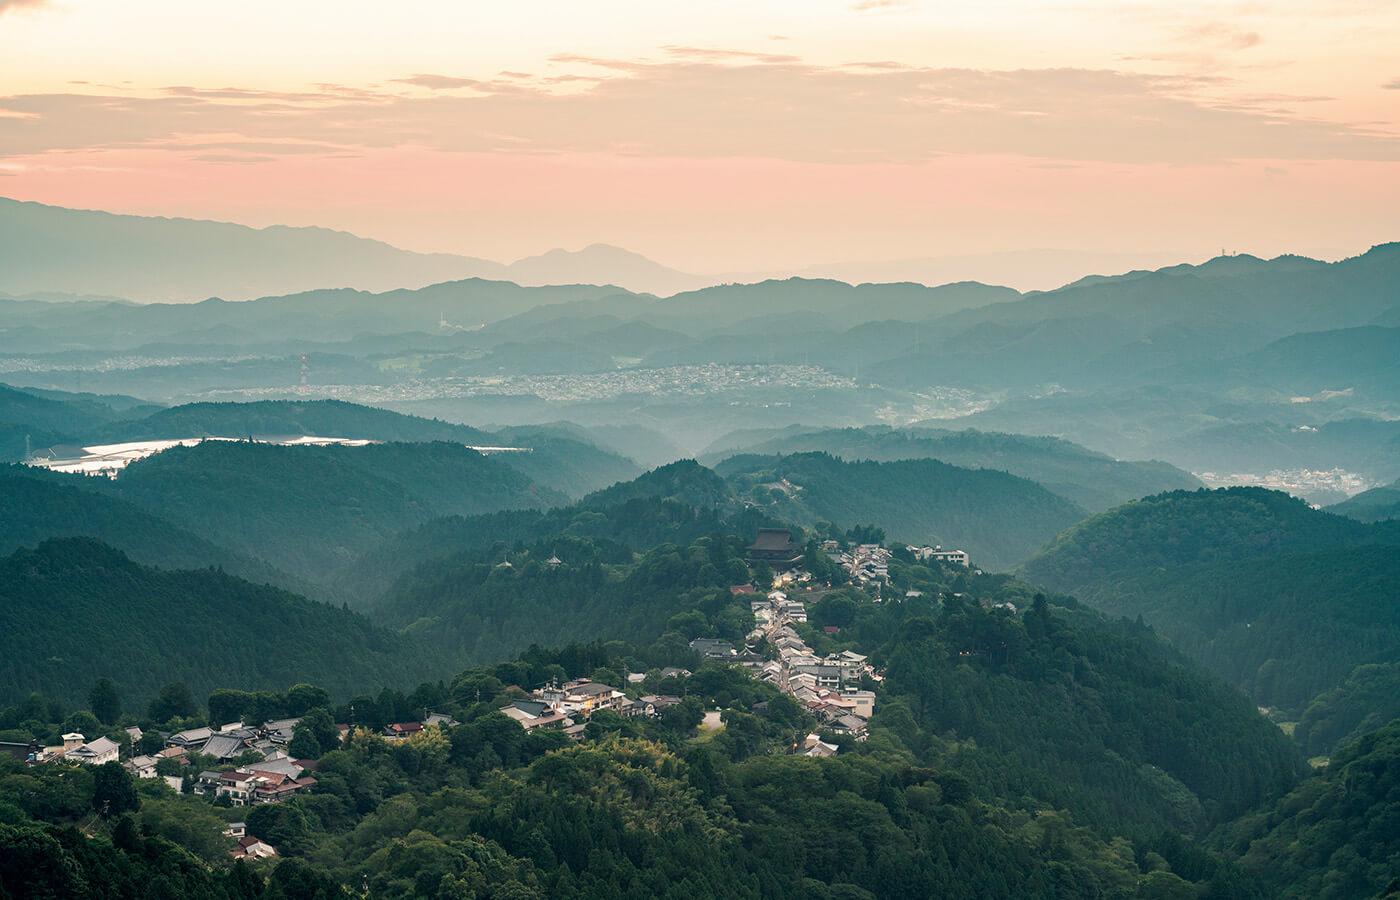 吉野山の花矢倉展望台から眺める夕景。遠くに連なる二上山、岩橋山、葛城山の山々からは、幽玄の美を感じる。春には山を桜色に染める様子が圧巻の、桜の名所としても名高い吉野山を上から望む絶景ポイントでもある。